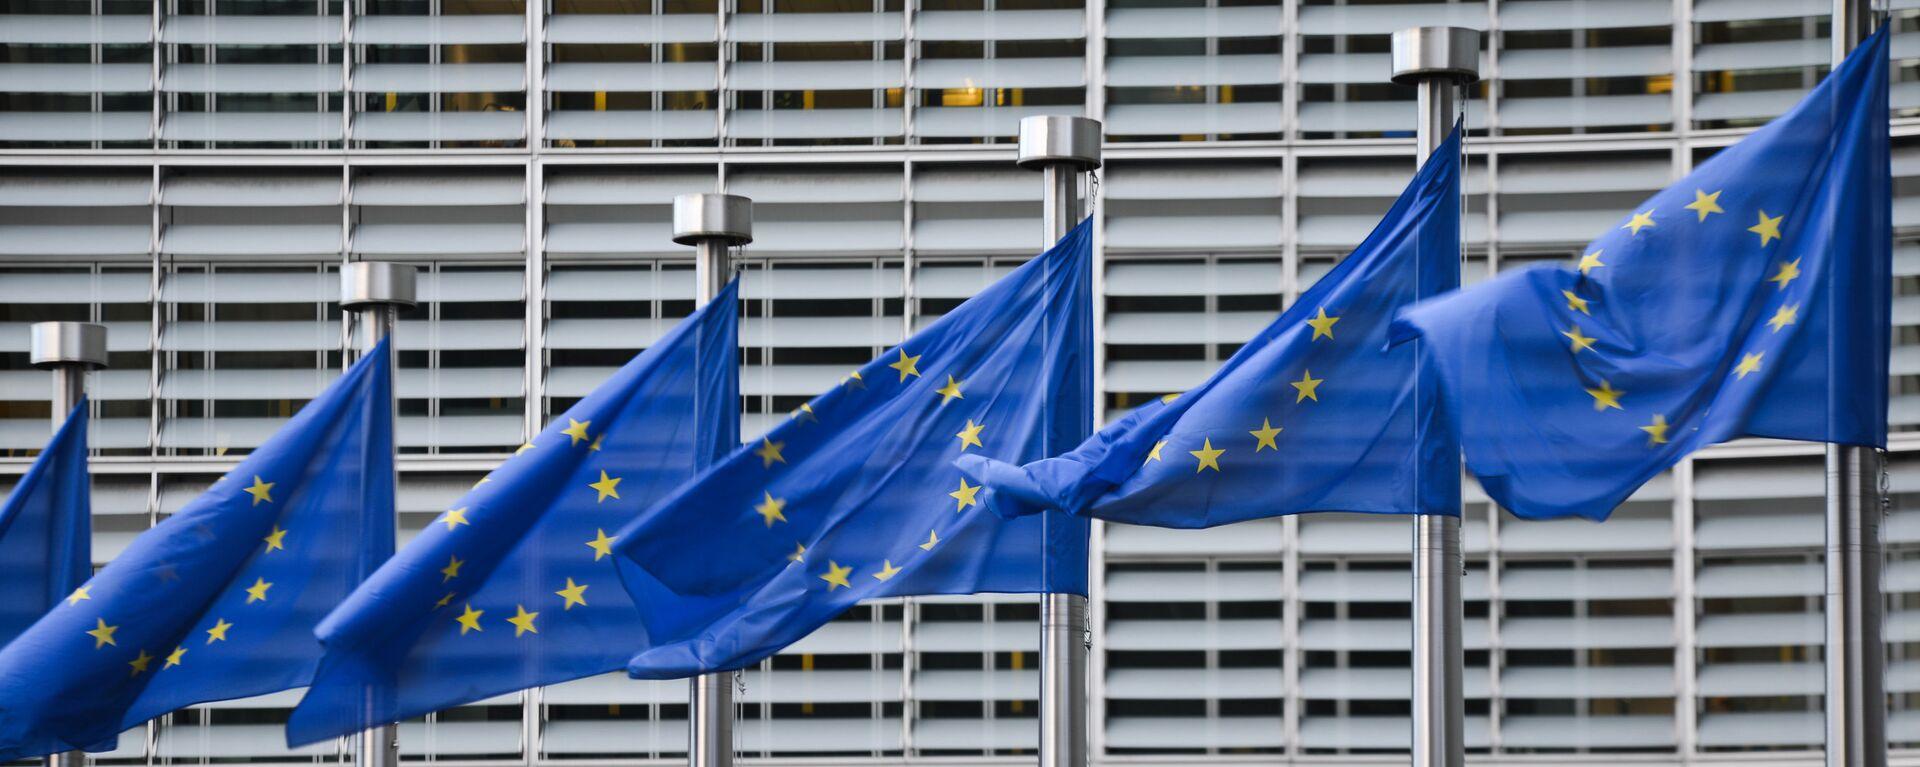 Флаги Евросоюза у здания штаб-квартиры Европейской комиссии в Брюсселе - Sputnik Узбекистан, 1920, 01.12.2020